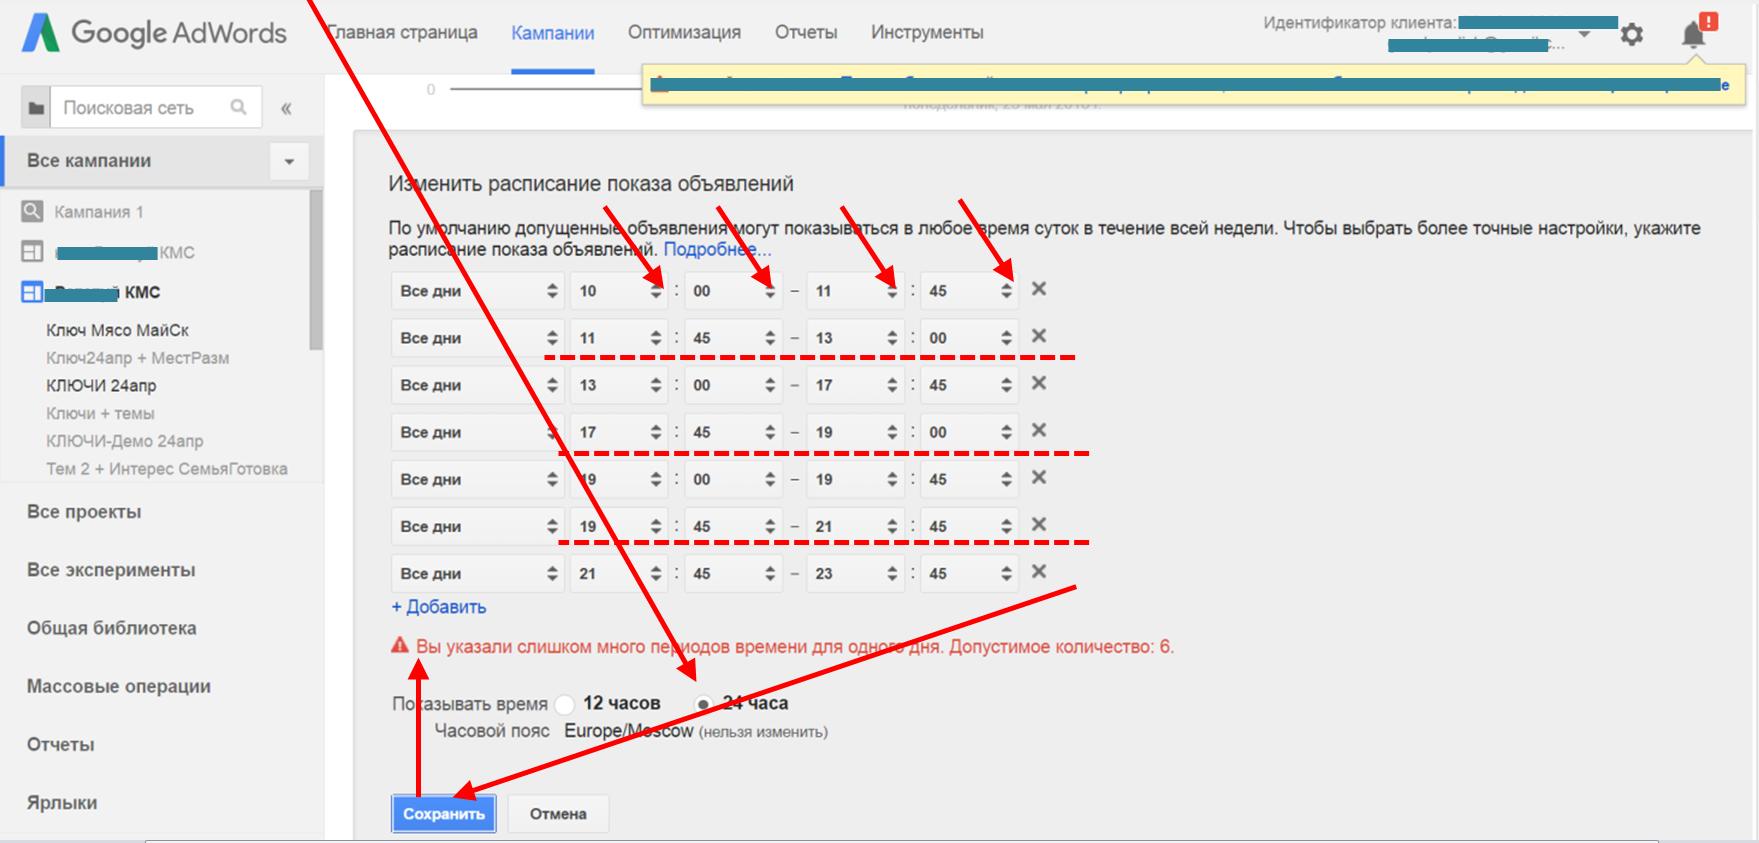 Как в гугл адвордс сделать отчет